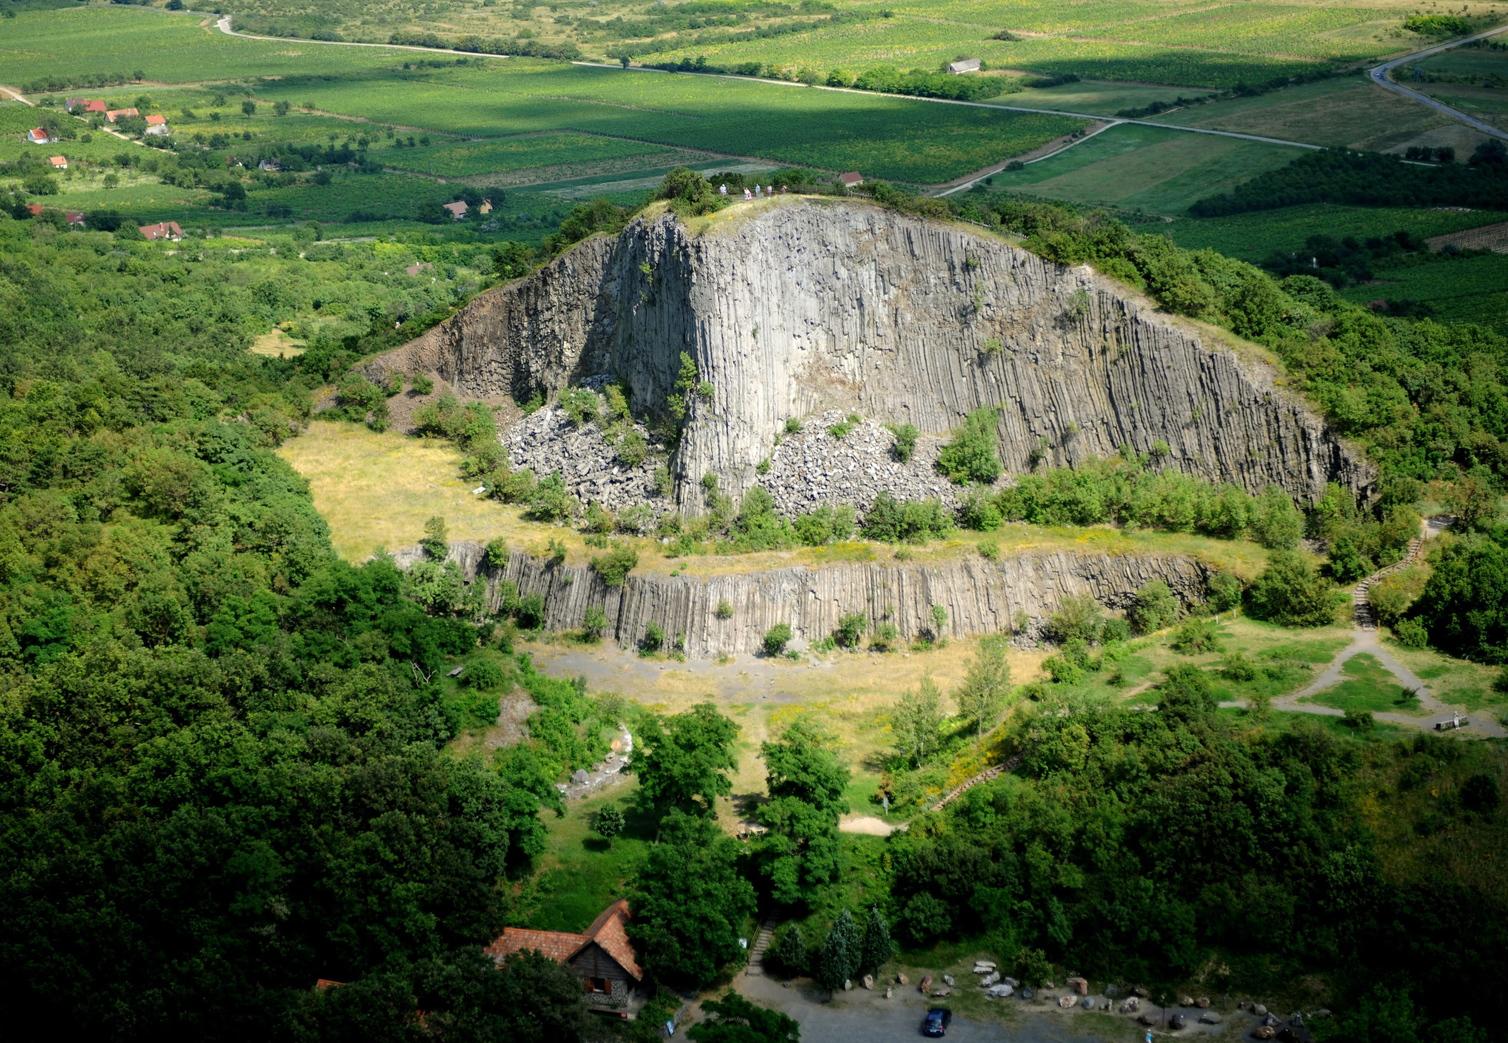 Monoszló, 2010. július 4. A Hegyestű geológiai bemutatóhely a Káli-medence keleti részén, a Veszprém megyei Monoszló közelében. A felvétel 2010. július 4-én készült. MTI Fotó: H. Szabó Sándor